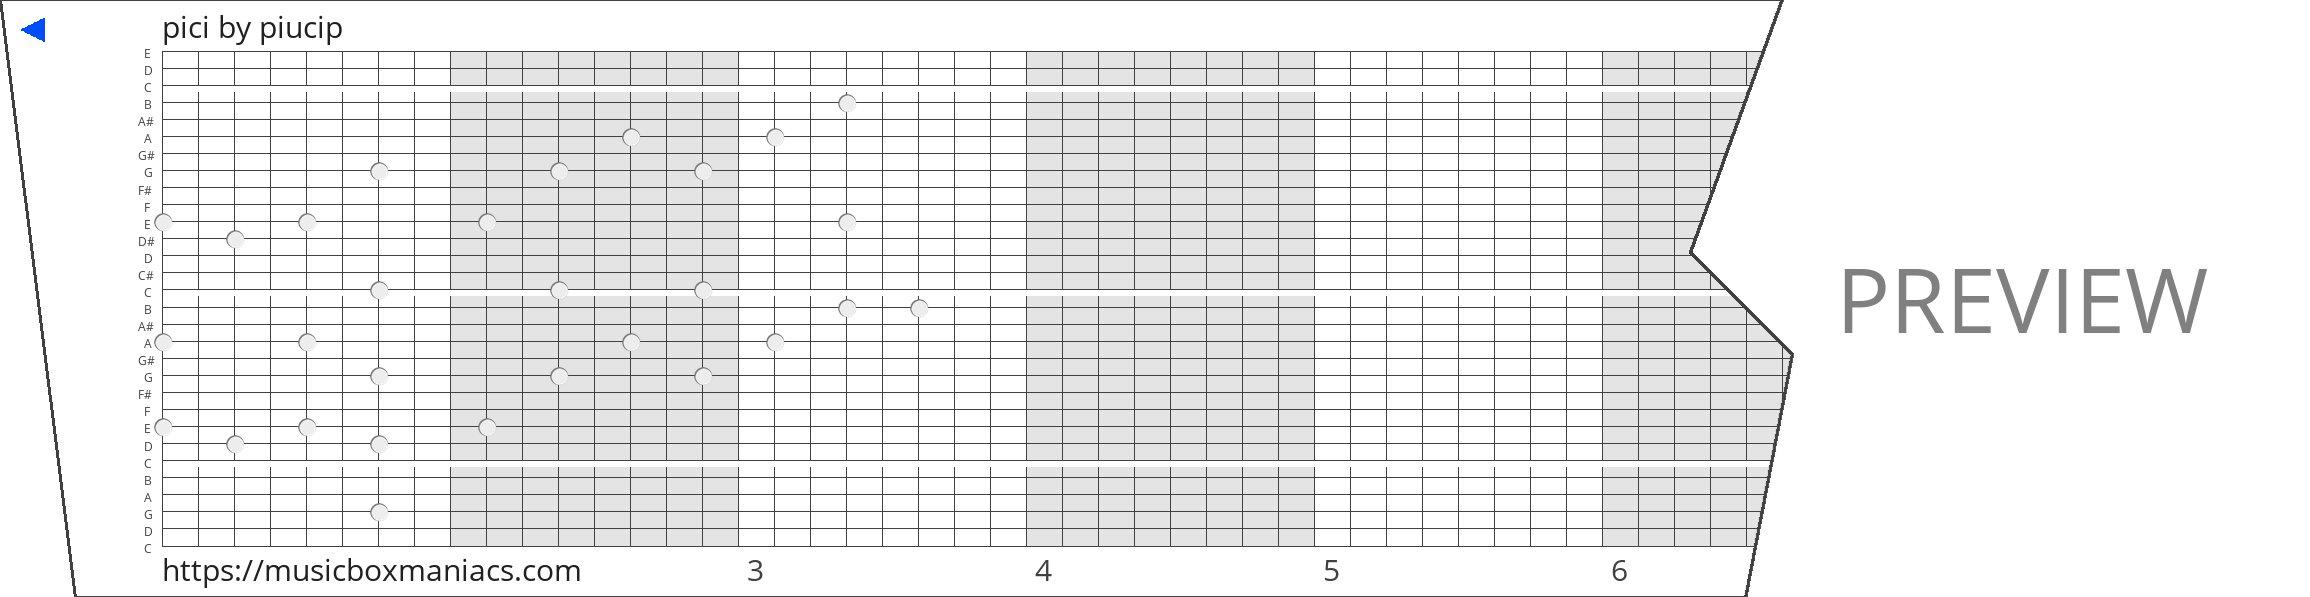 pici 30 note music box paper strip